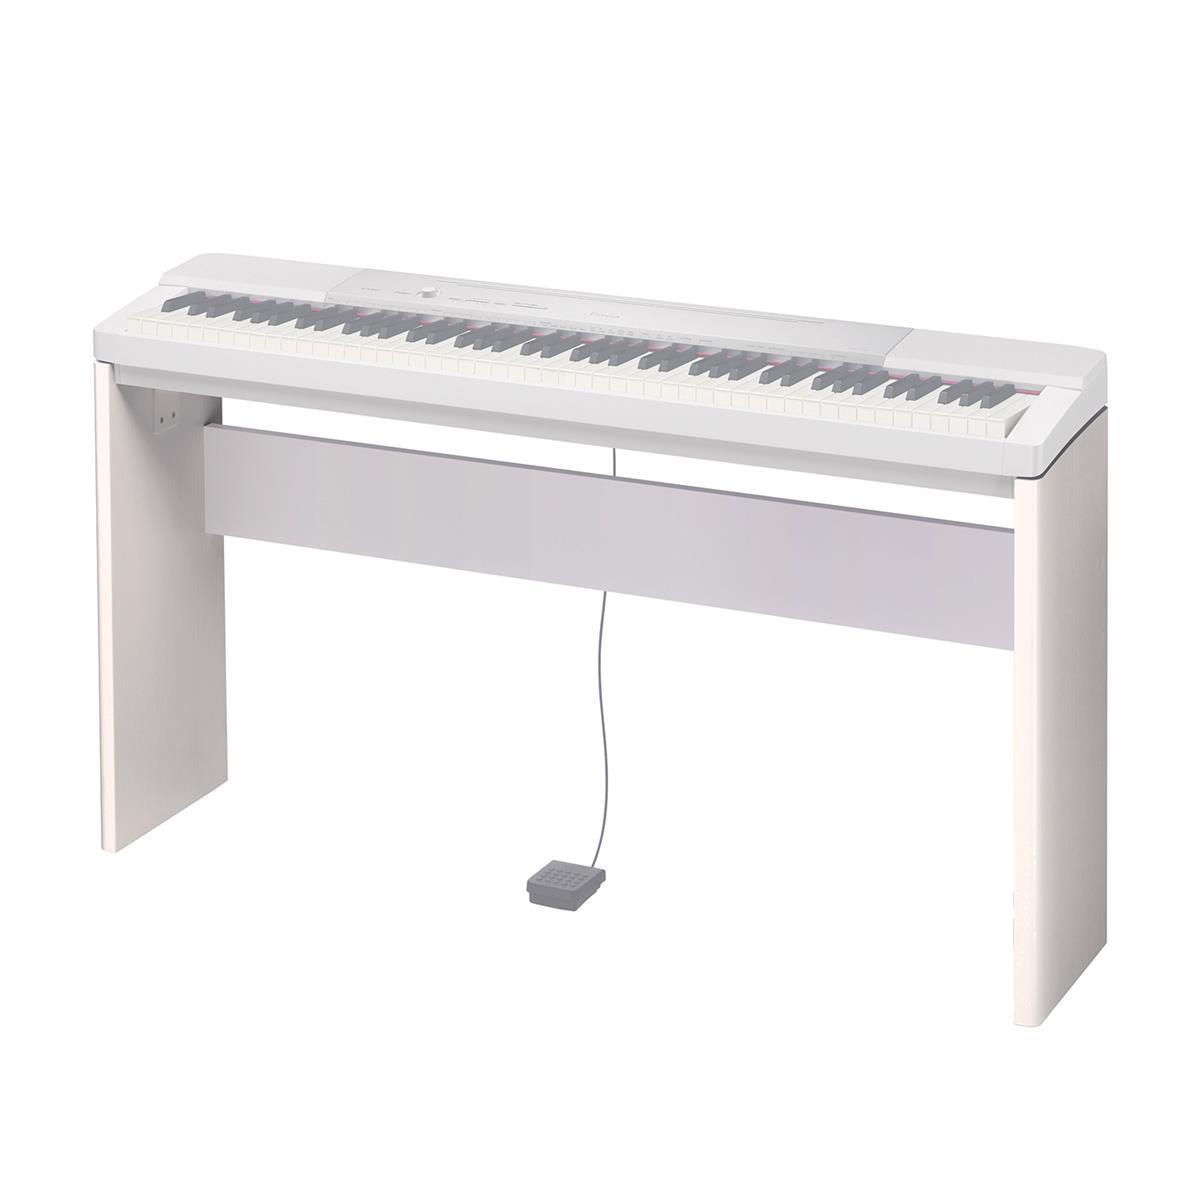 Suporte Stand Para Pianos Branco Cs - 67Pwe Casio